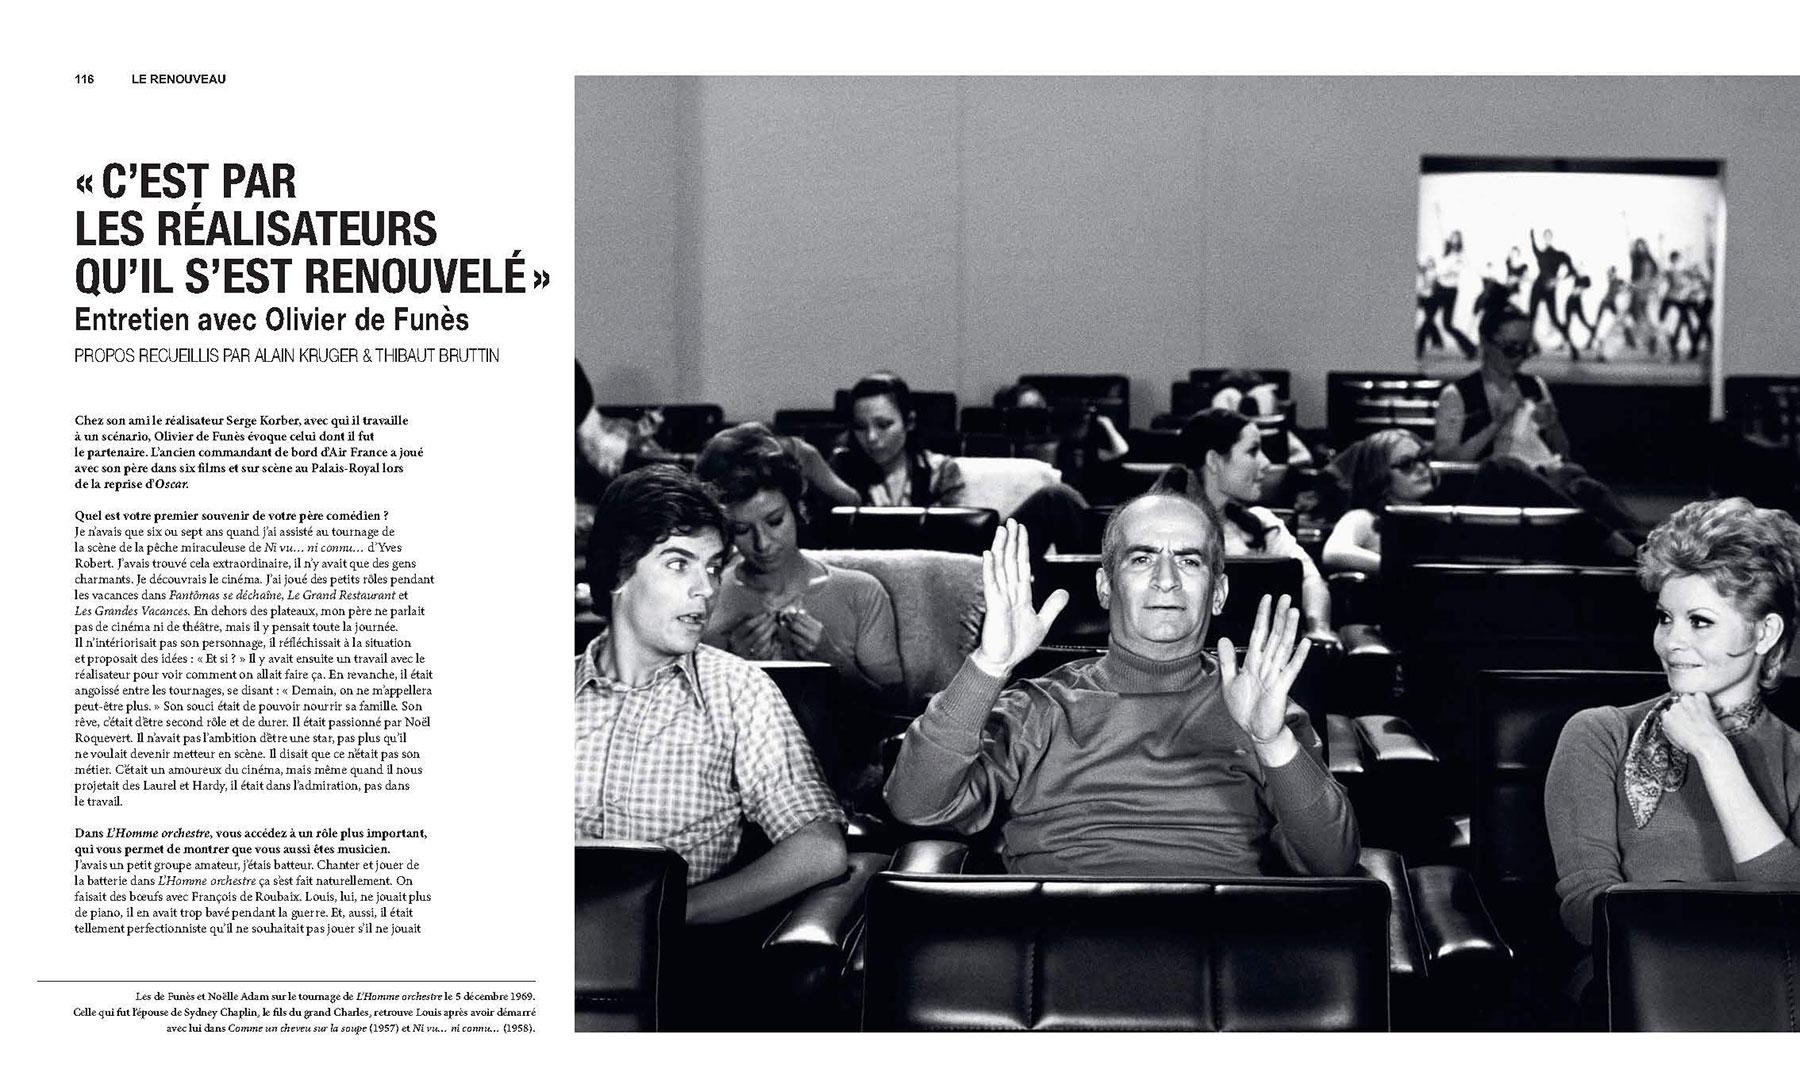 Louis de Funès, à la folie - sous la direction d'Alain Kruger (La Cinémathèque française/Éditions de La Martinière) - pages 116-117